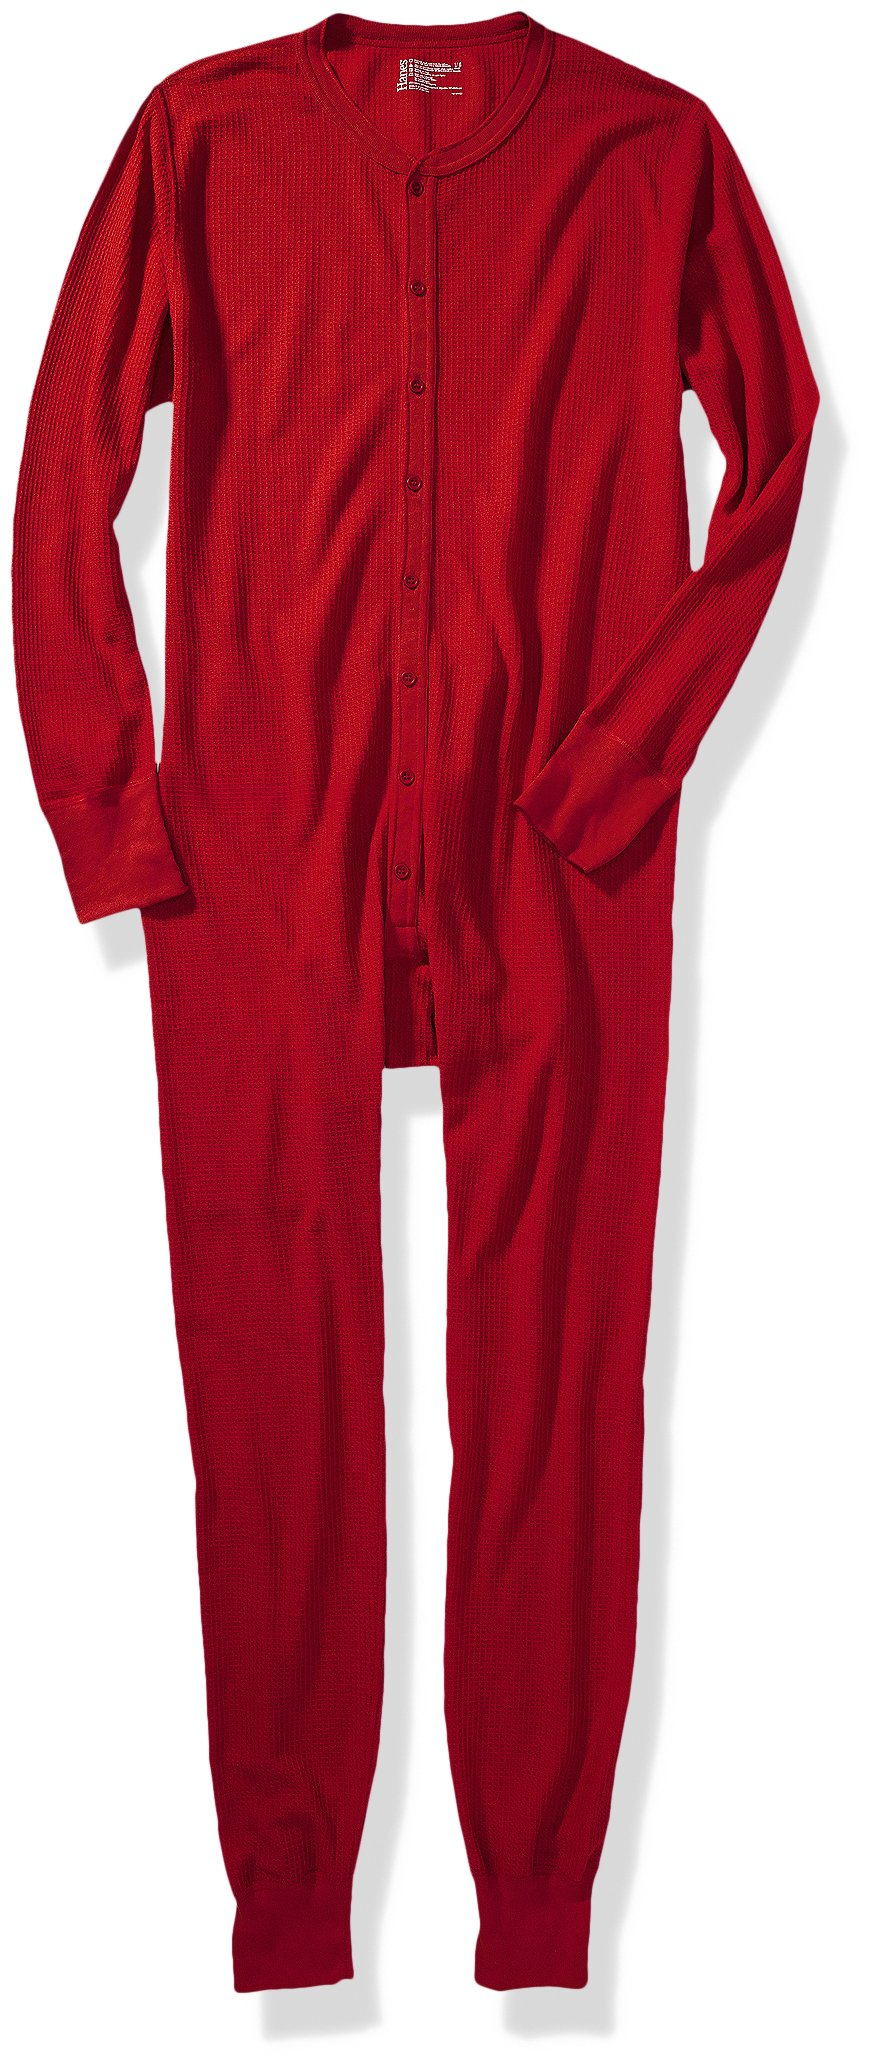 Hanes Men's Big X-Temp Thermal Union Suit, Red, Medium